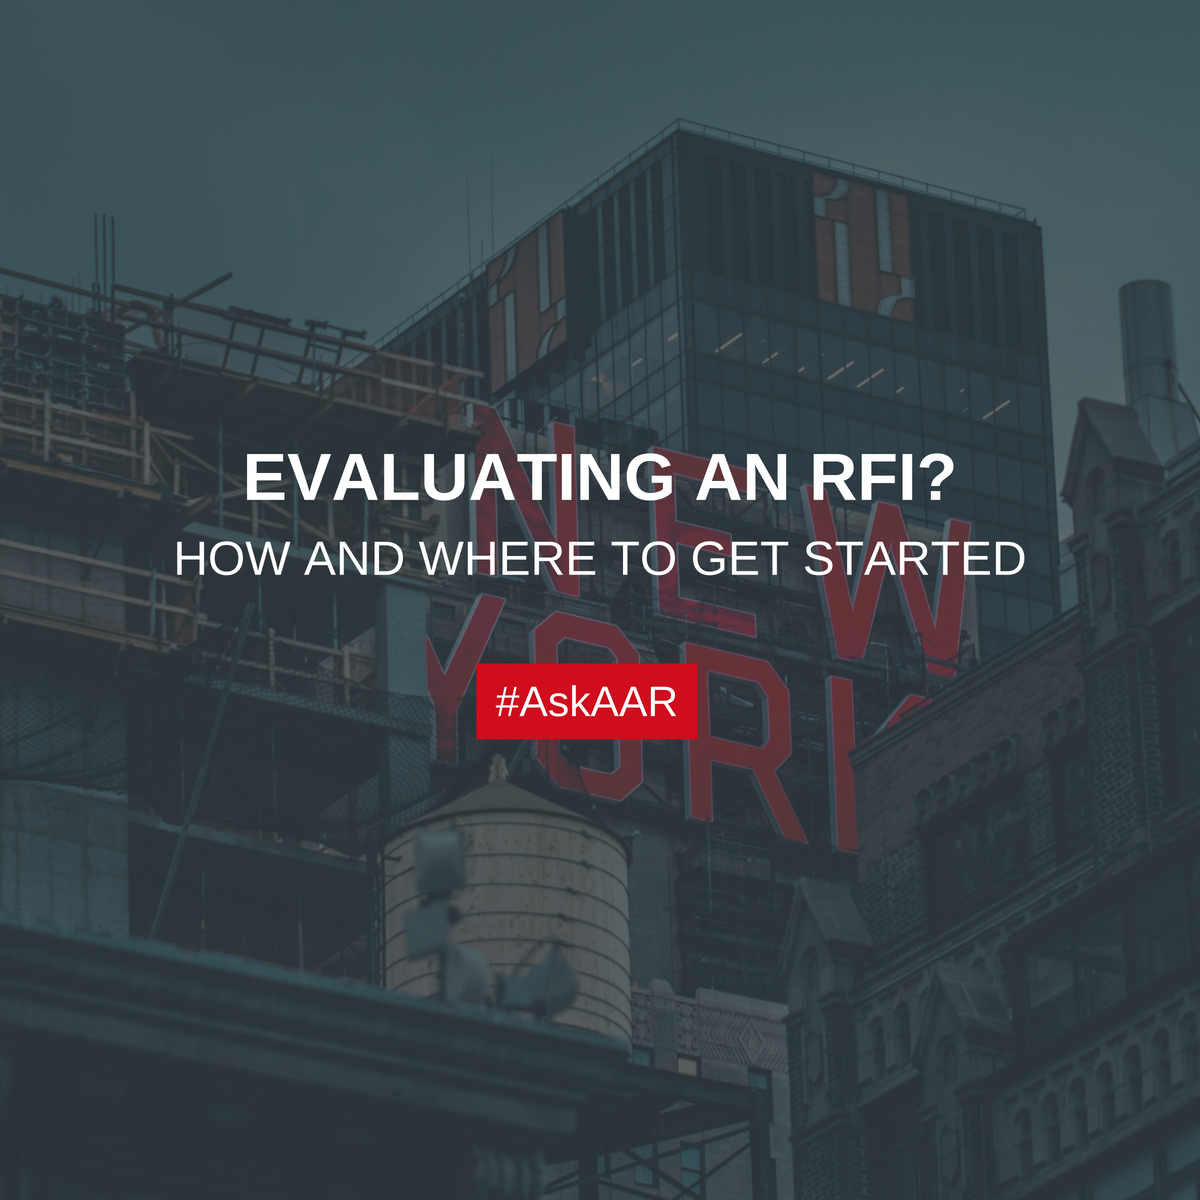 evaluate-RFI